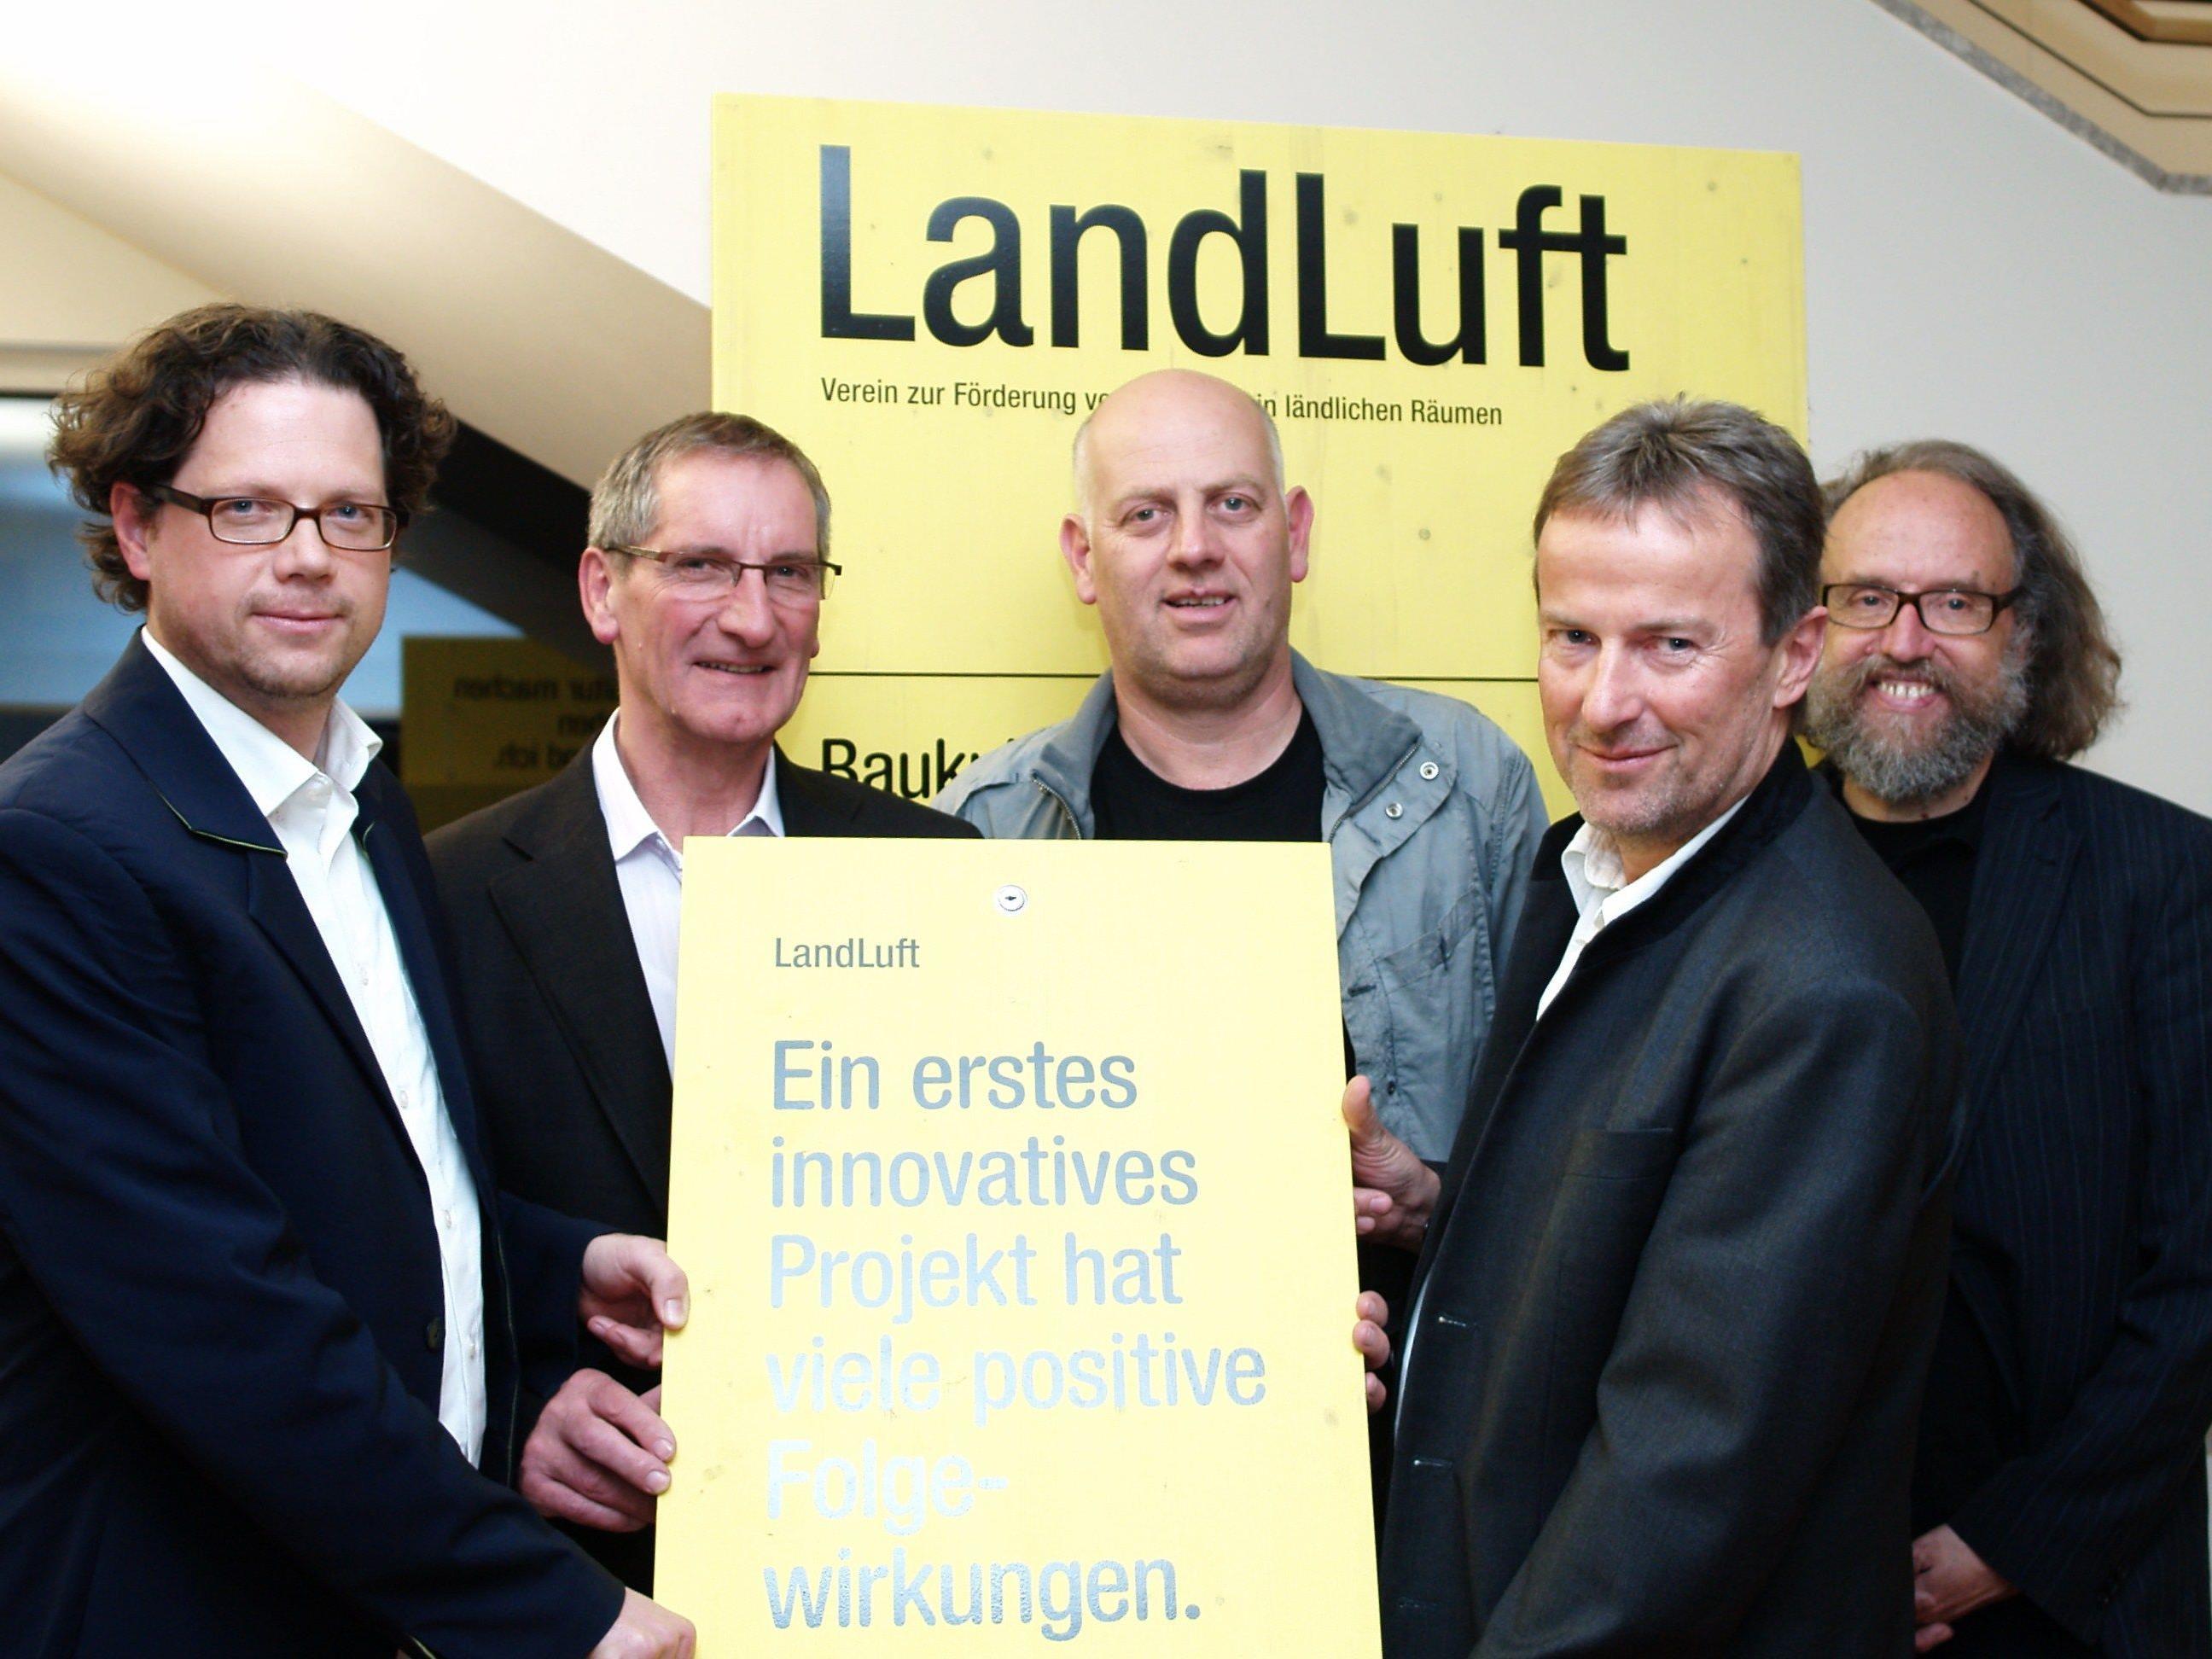 Bürgermeister Josef Mathis mit Roland Gruber, Christoph Chorherr, Georg Moosbrugger und Wilfried Bertsch bei der Eröffnung der Ausstellung.